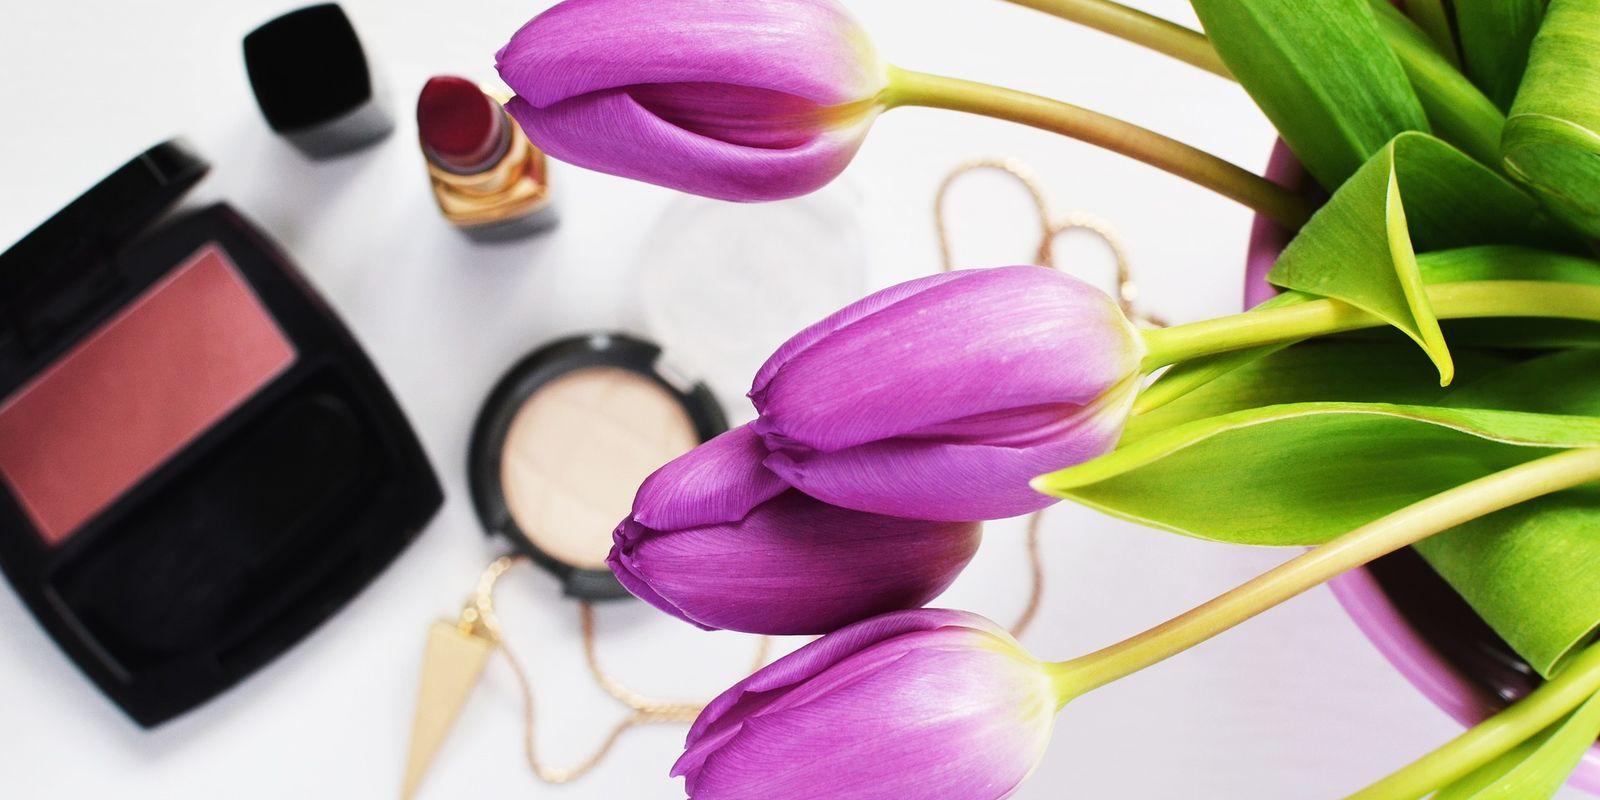 Sedm látek, kterých se v kosmetice zbytečně bojíte